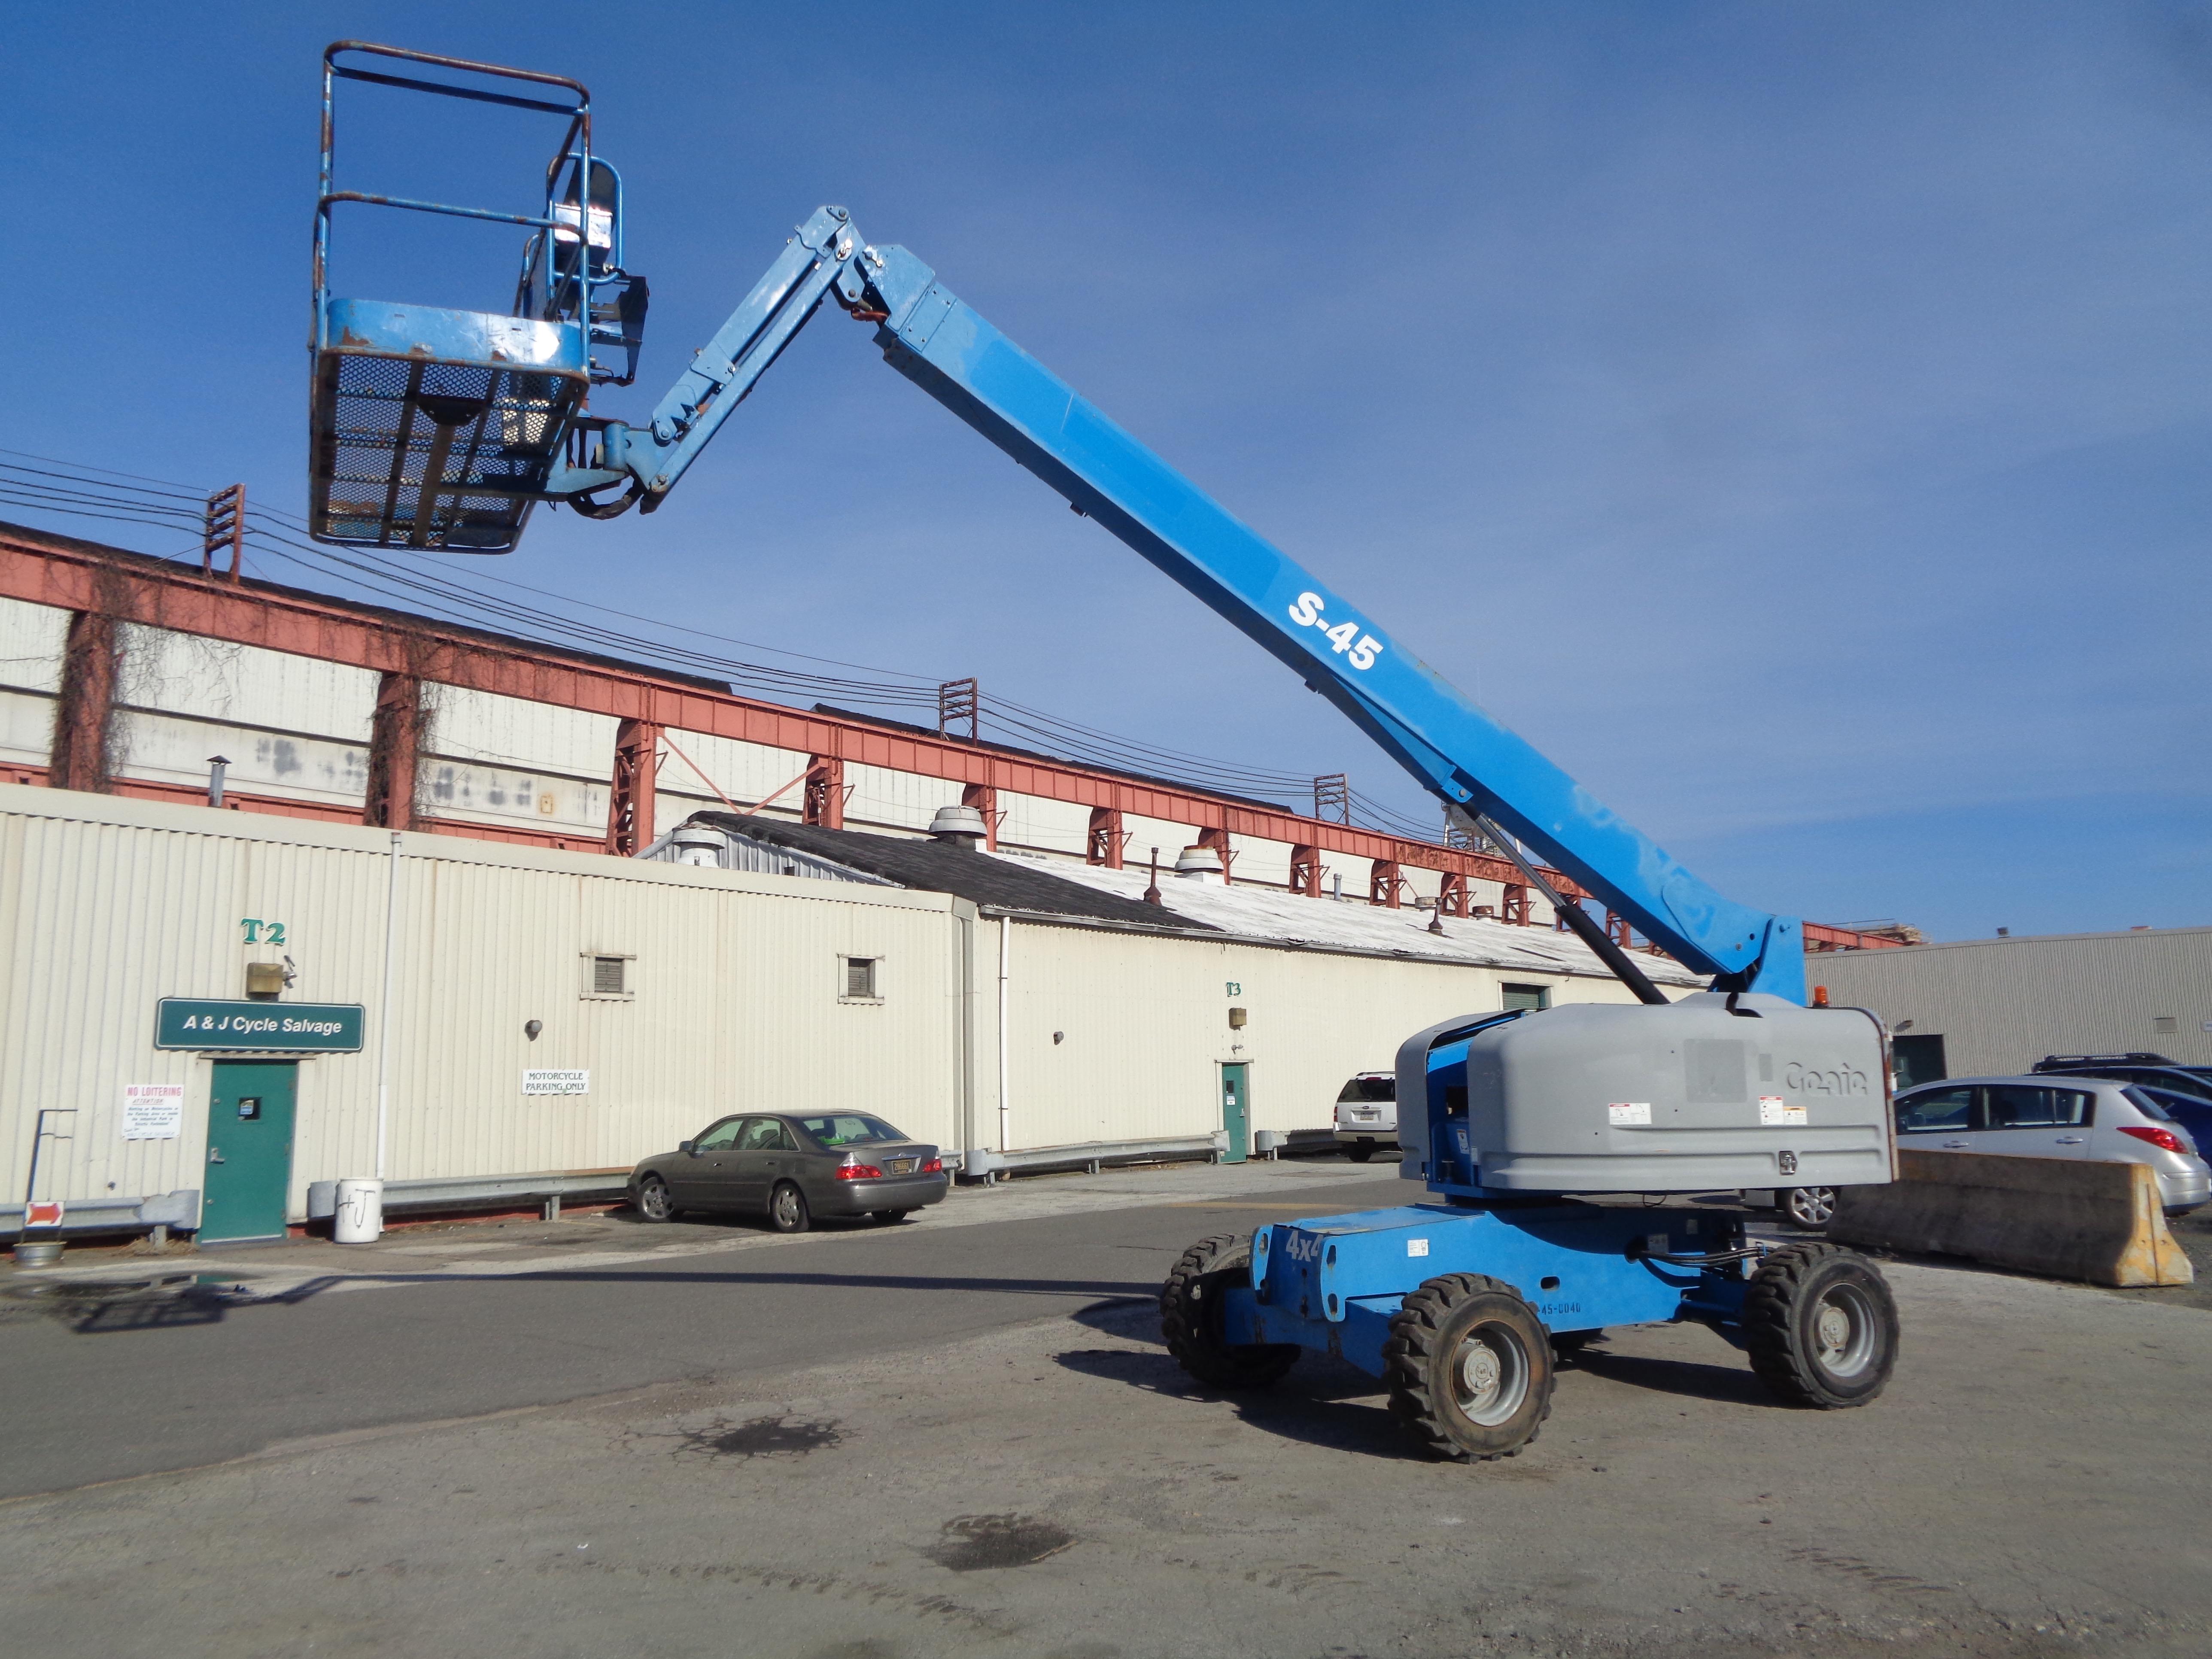 Lot 17 - 2013 Genie S45 45FT Boom Lift